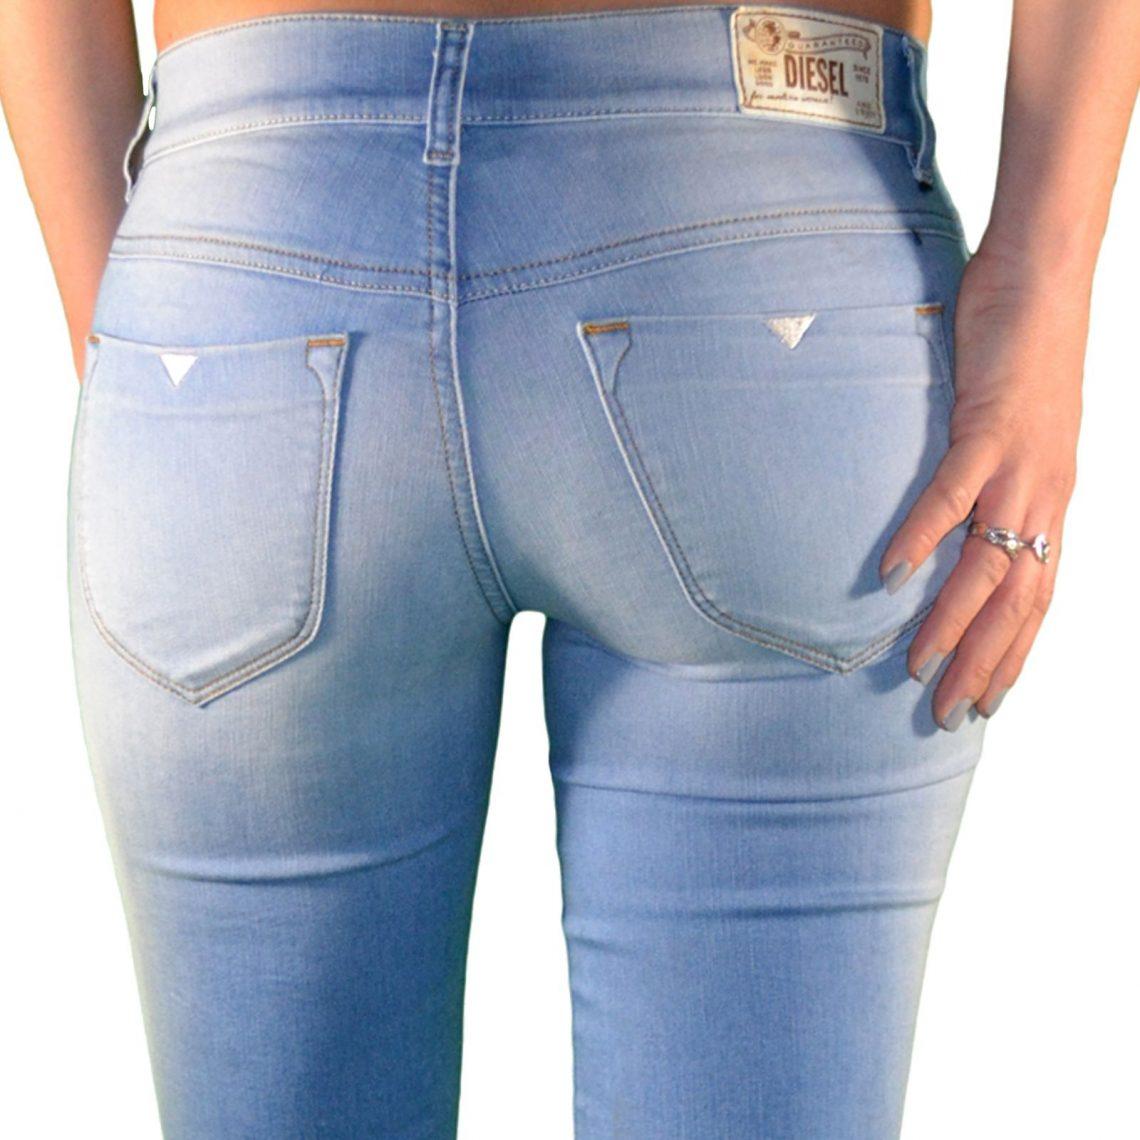 Mon jean préféré de l'année sur jean-femme.biz